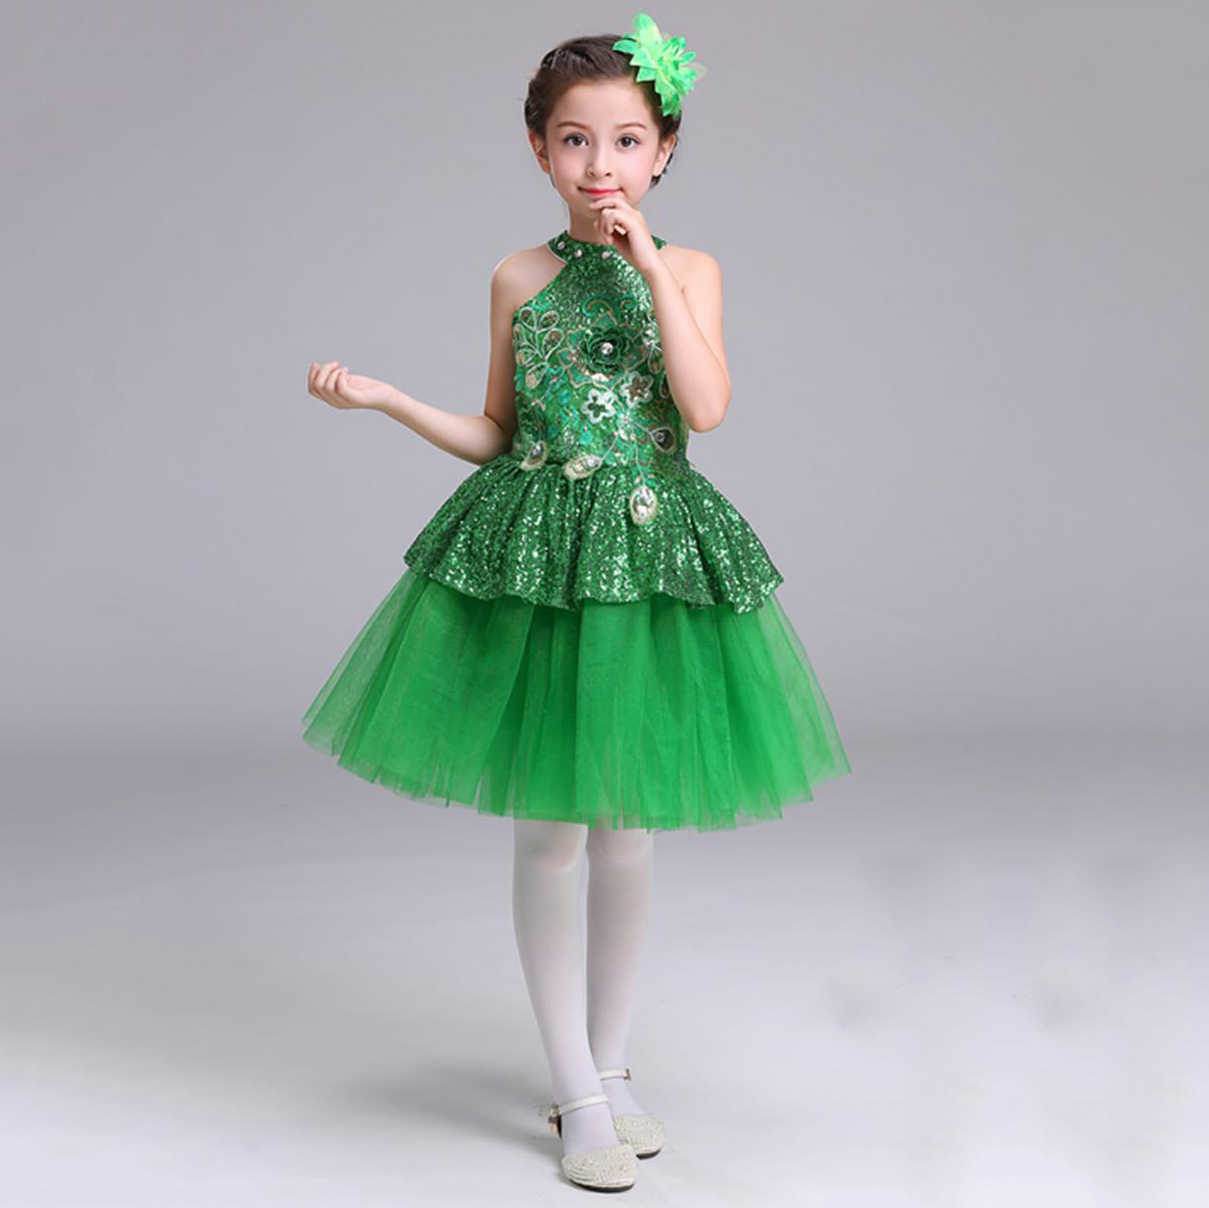 tüll-blumen-mädchen-prinzessin-rosa-kleid gelb grün blau ballroom dance  wettbewerb kleider tutu ballett mädchen kind